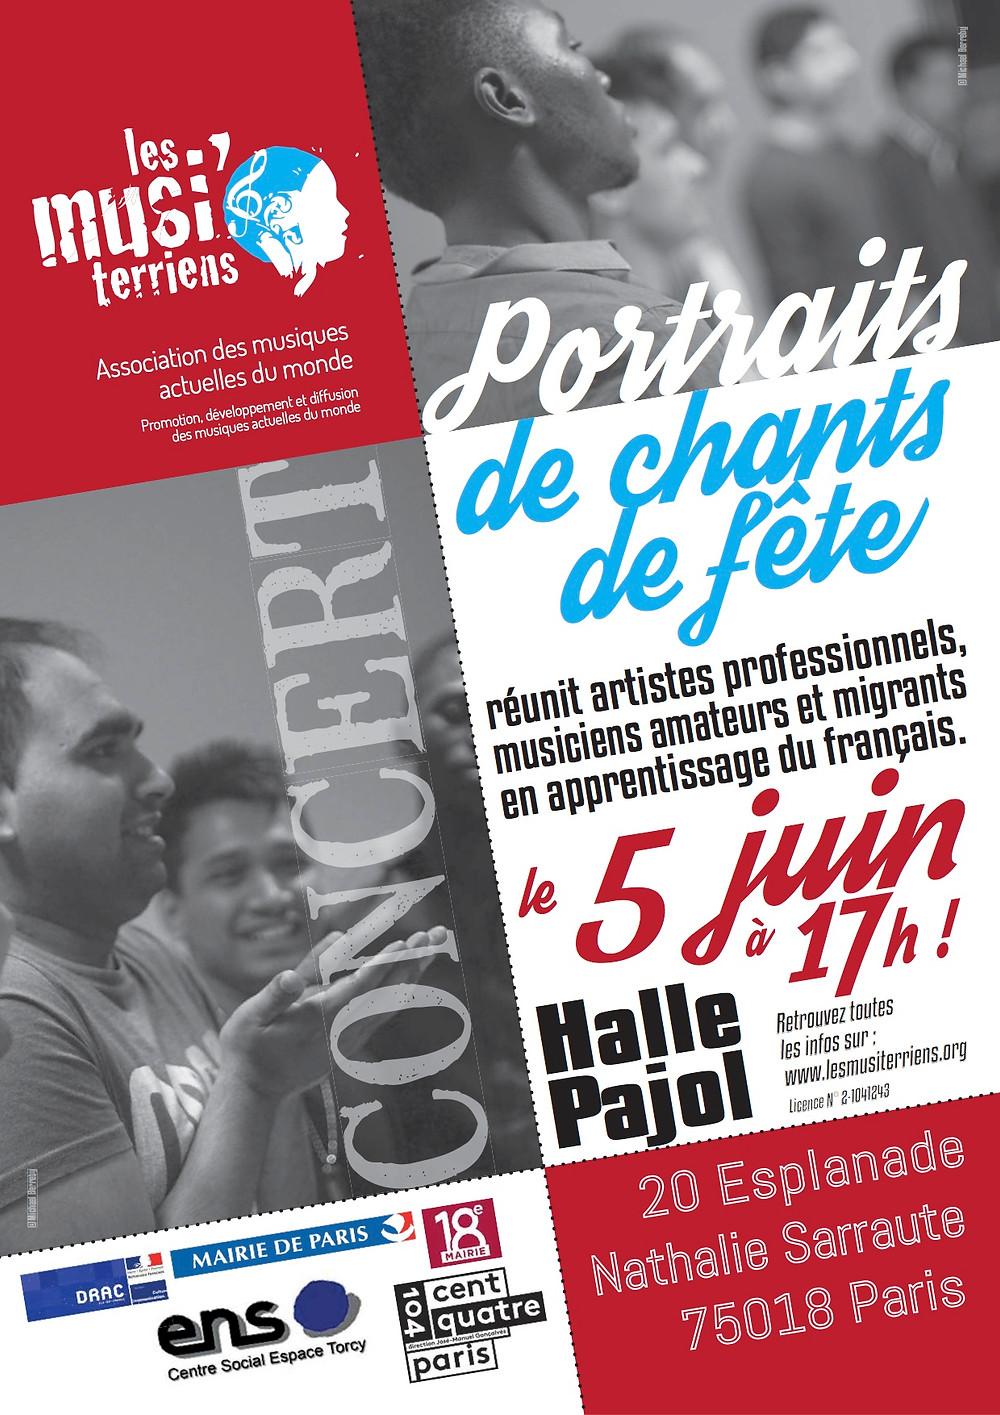 Concert Chants de fêtes à la Halle Pajol avec les apprenants de l'ENS & les Musiterriens